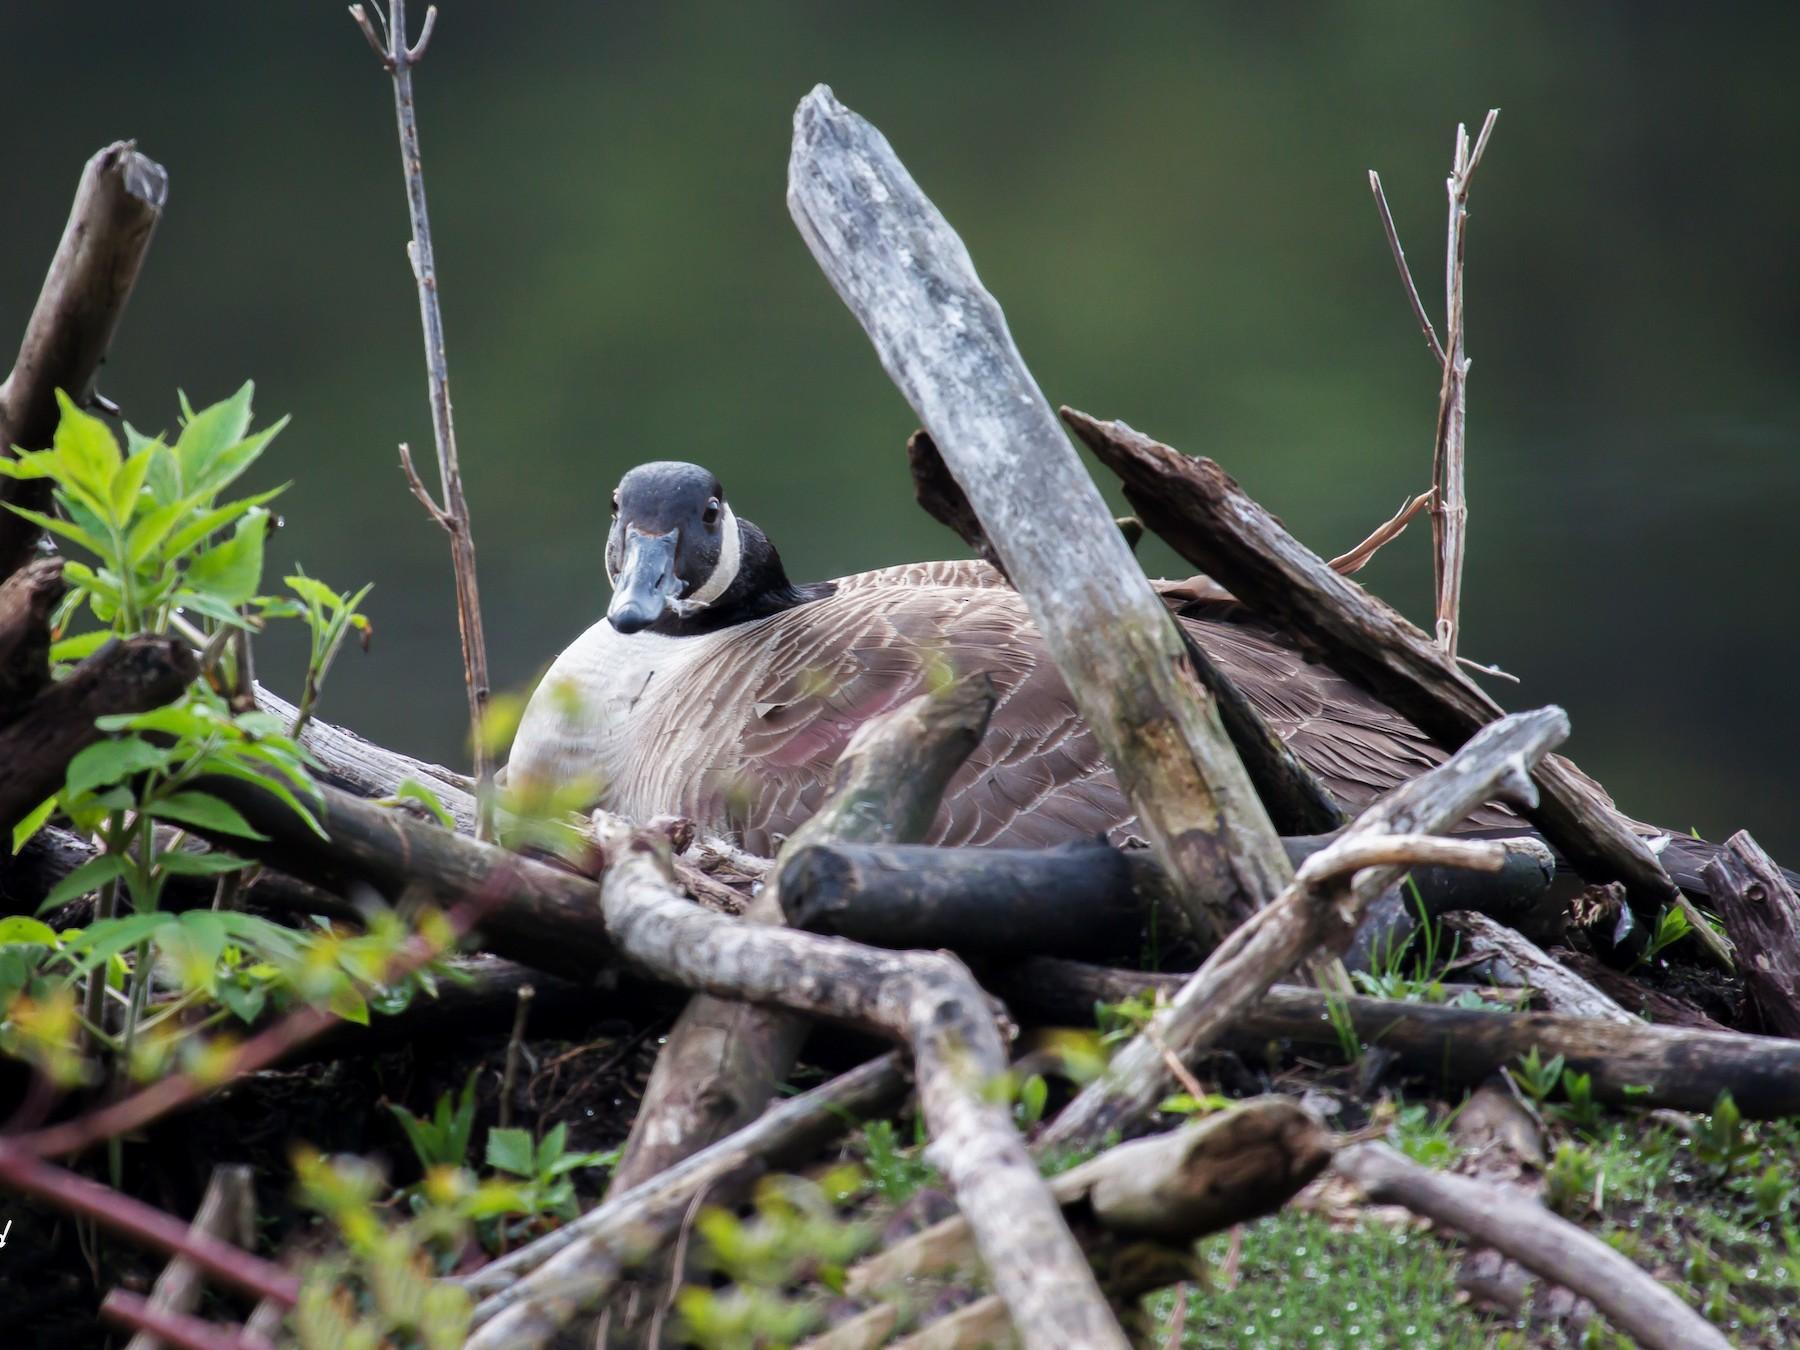 Canada Goose - Kent McFarland